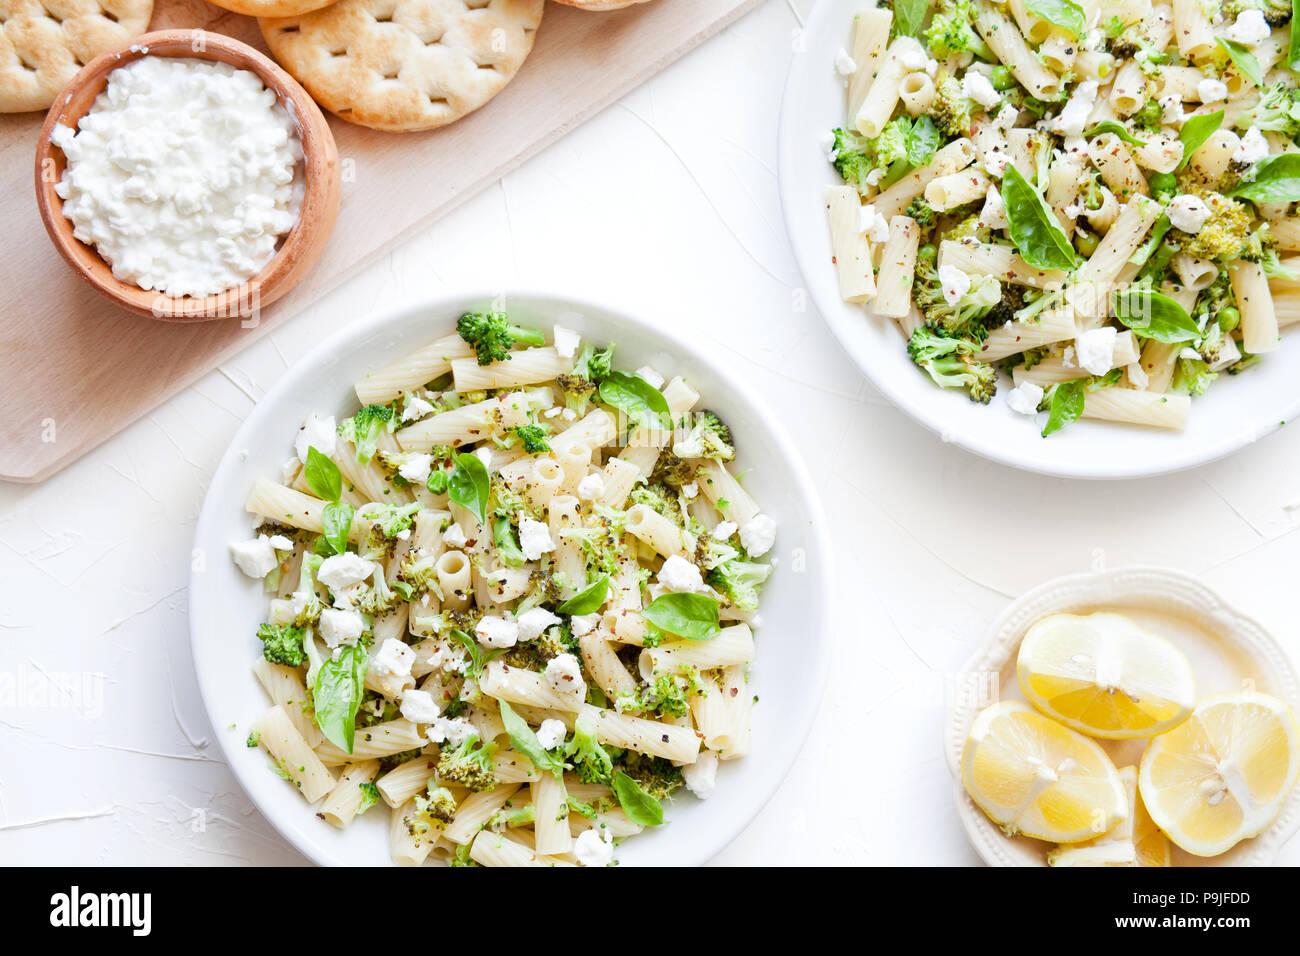 Paio di ciotole di pasta con verdura biologica Immagini Stock